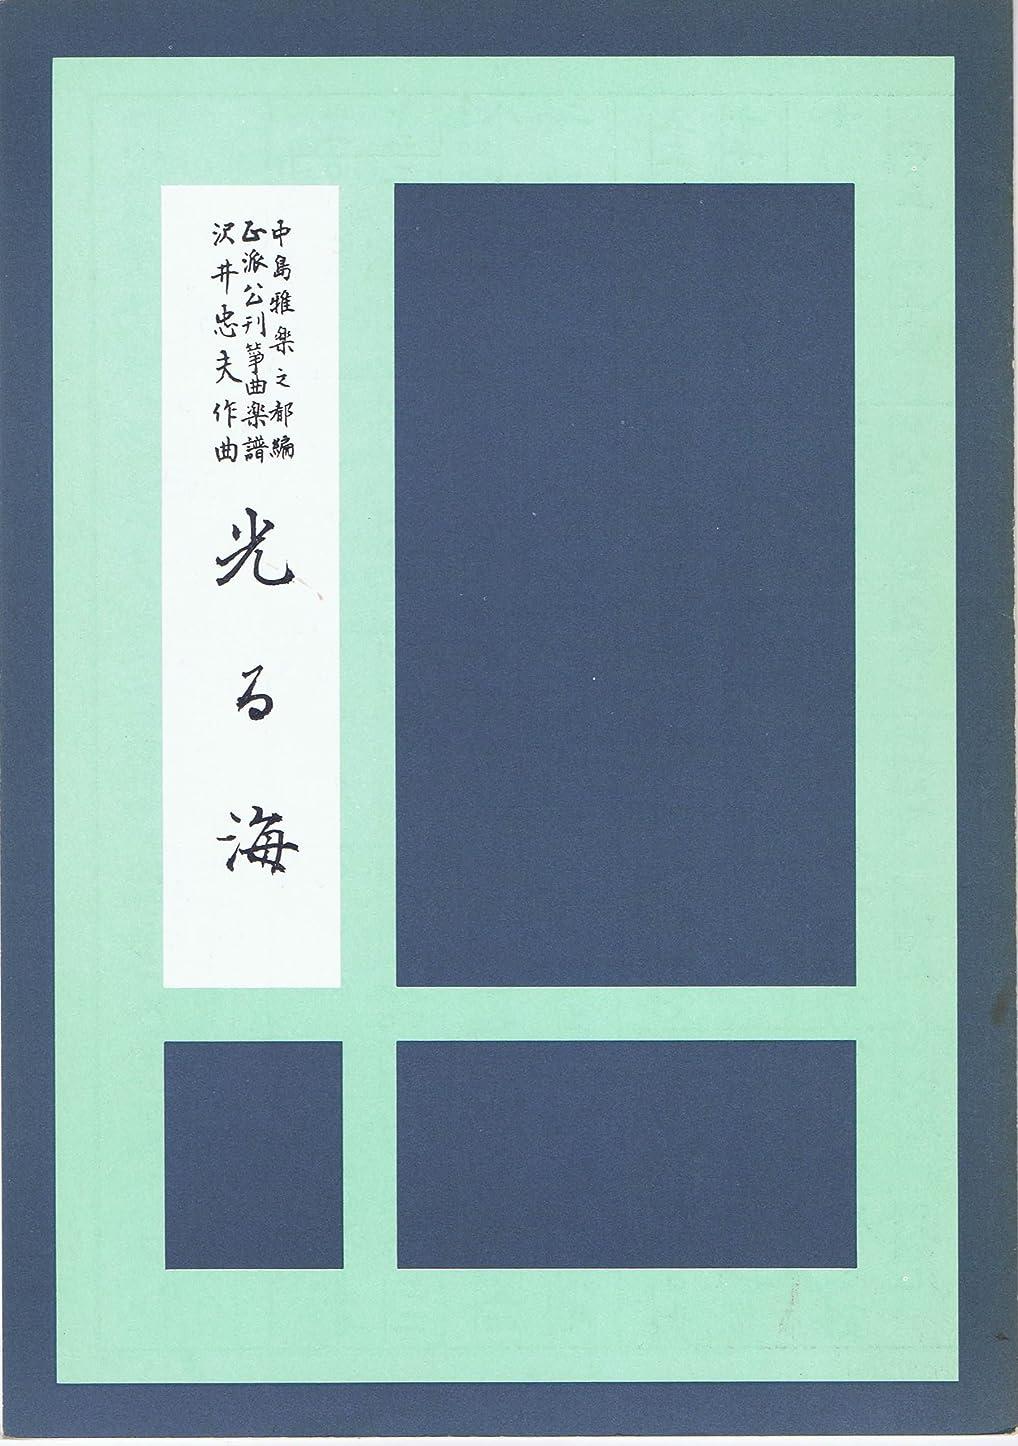 脱獄ステーキコンテンツ箏曲 楽譜 沢井 忠夫 作曲 光る海 (送料など込)